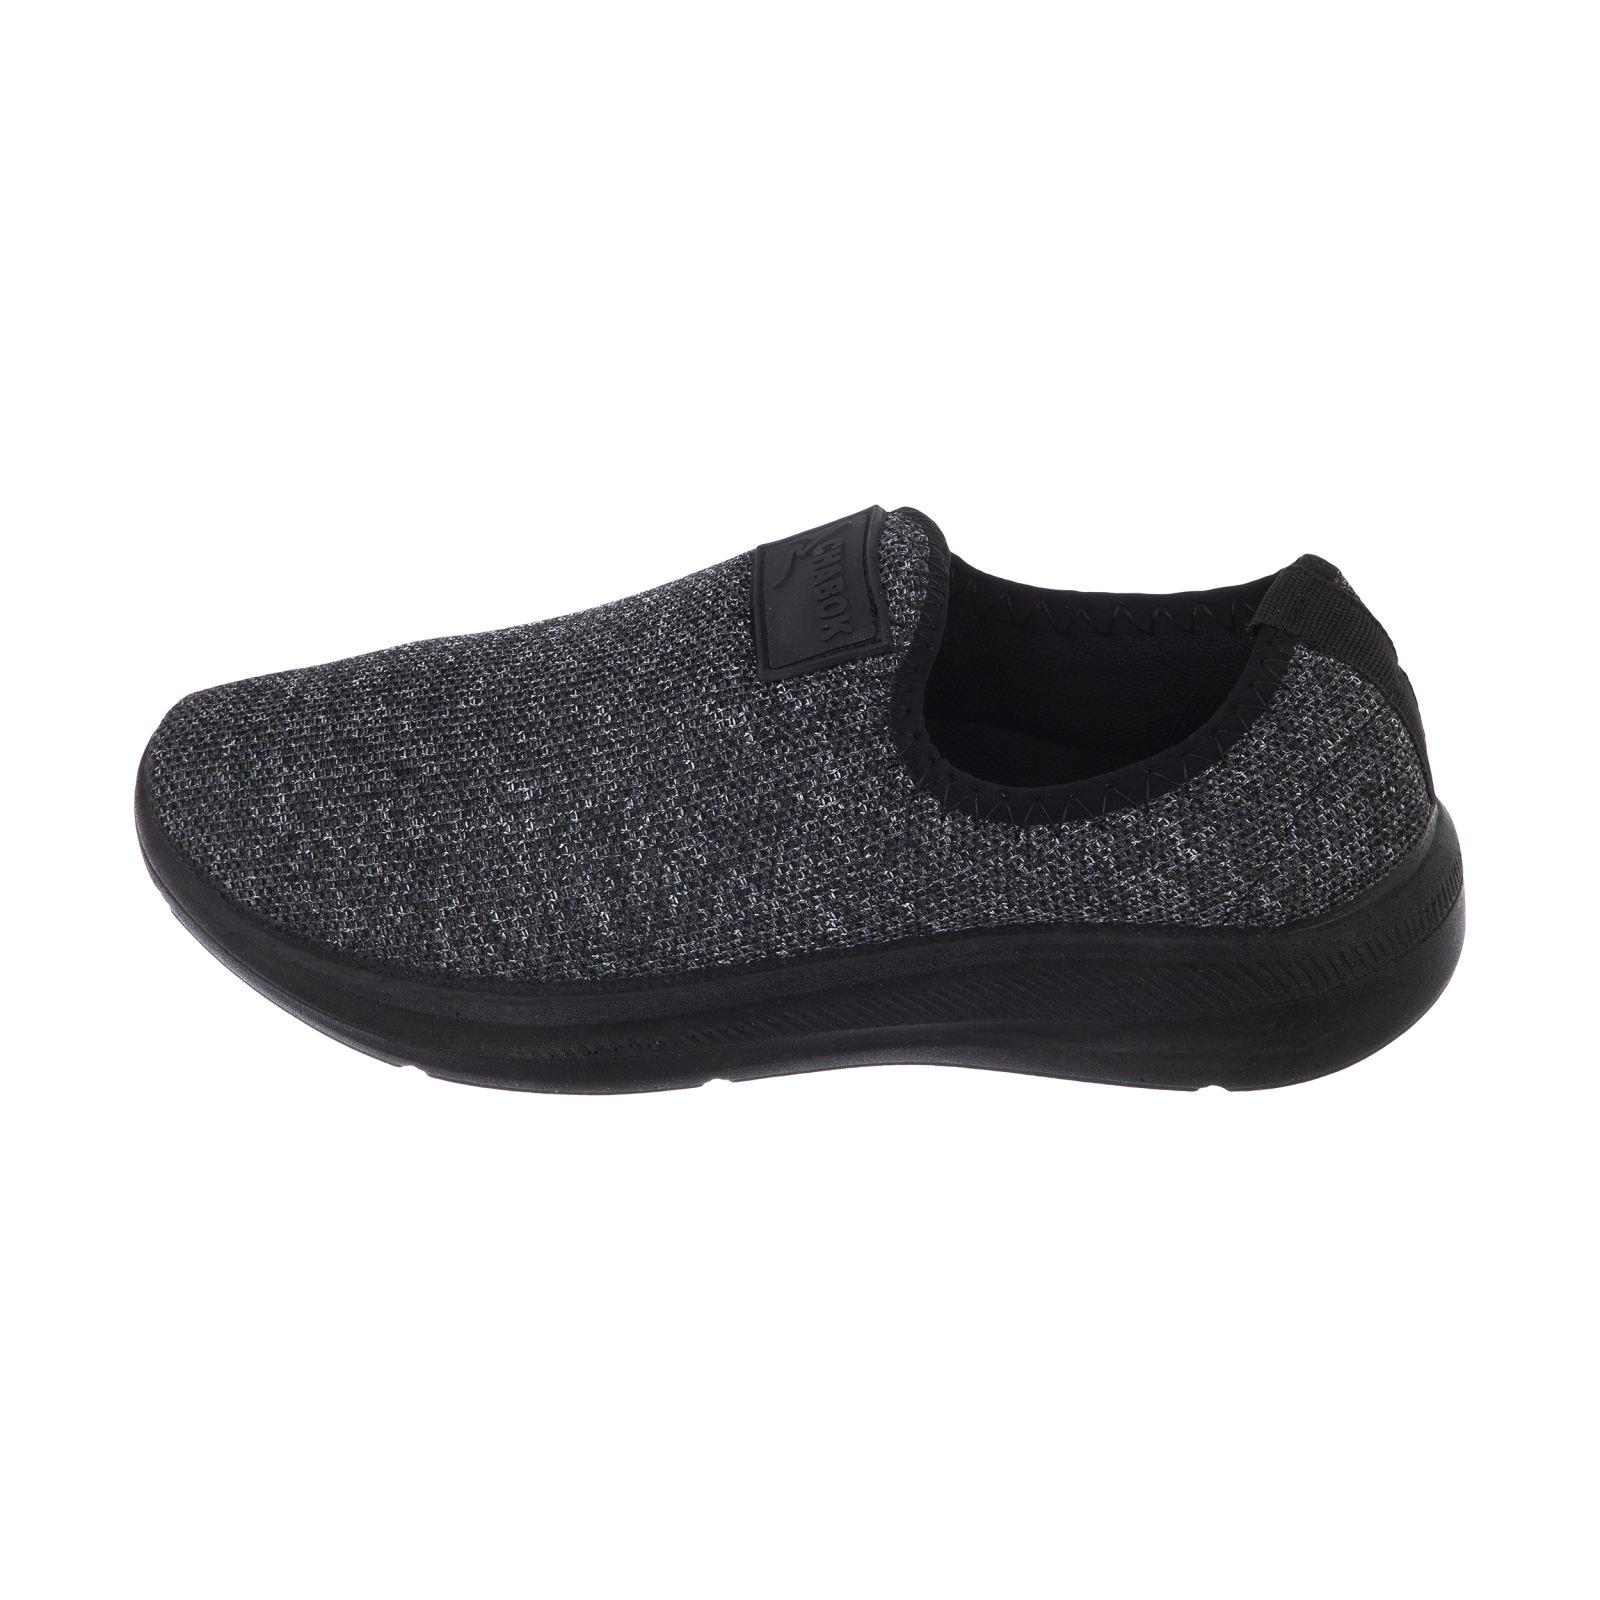 کفش راحتی چابک مدل رامش رنگ نوک مدادی -  - 2